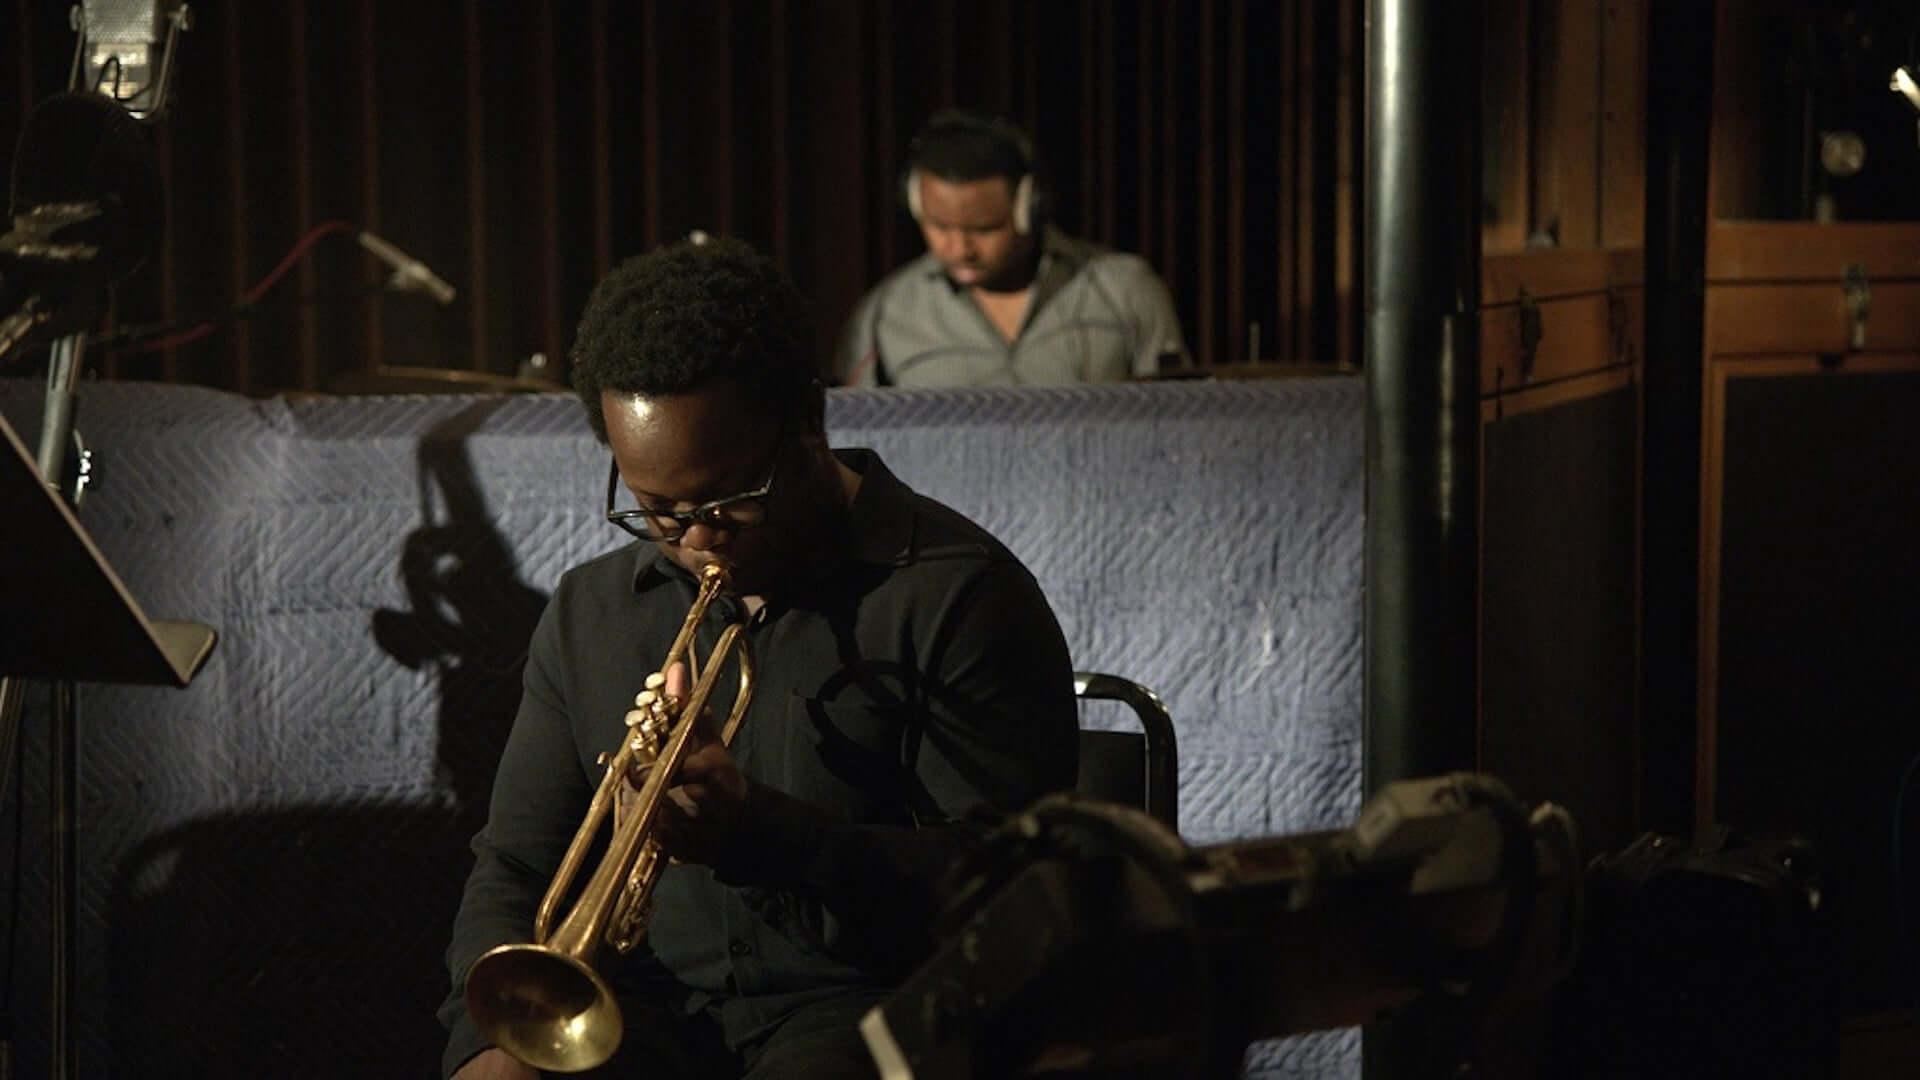 ロバート・グラスパー、ハービー・ハンコックらも出演する映画『ブルーノート・レコード ジャズを超えて』公開記念トーク・セッション開催決定! film190829_bluenote_4-1920x1080